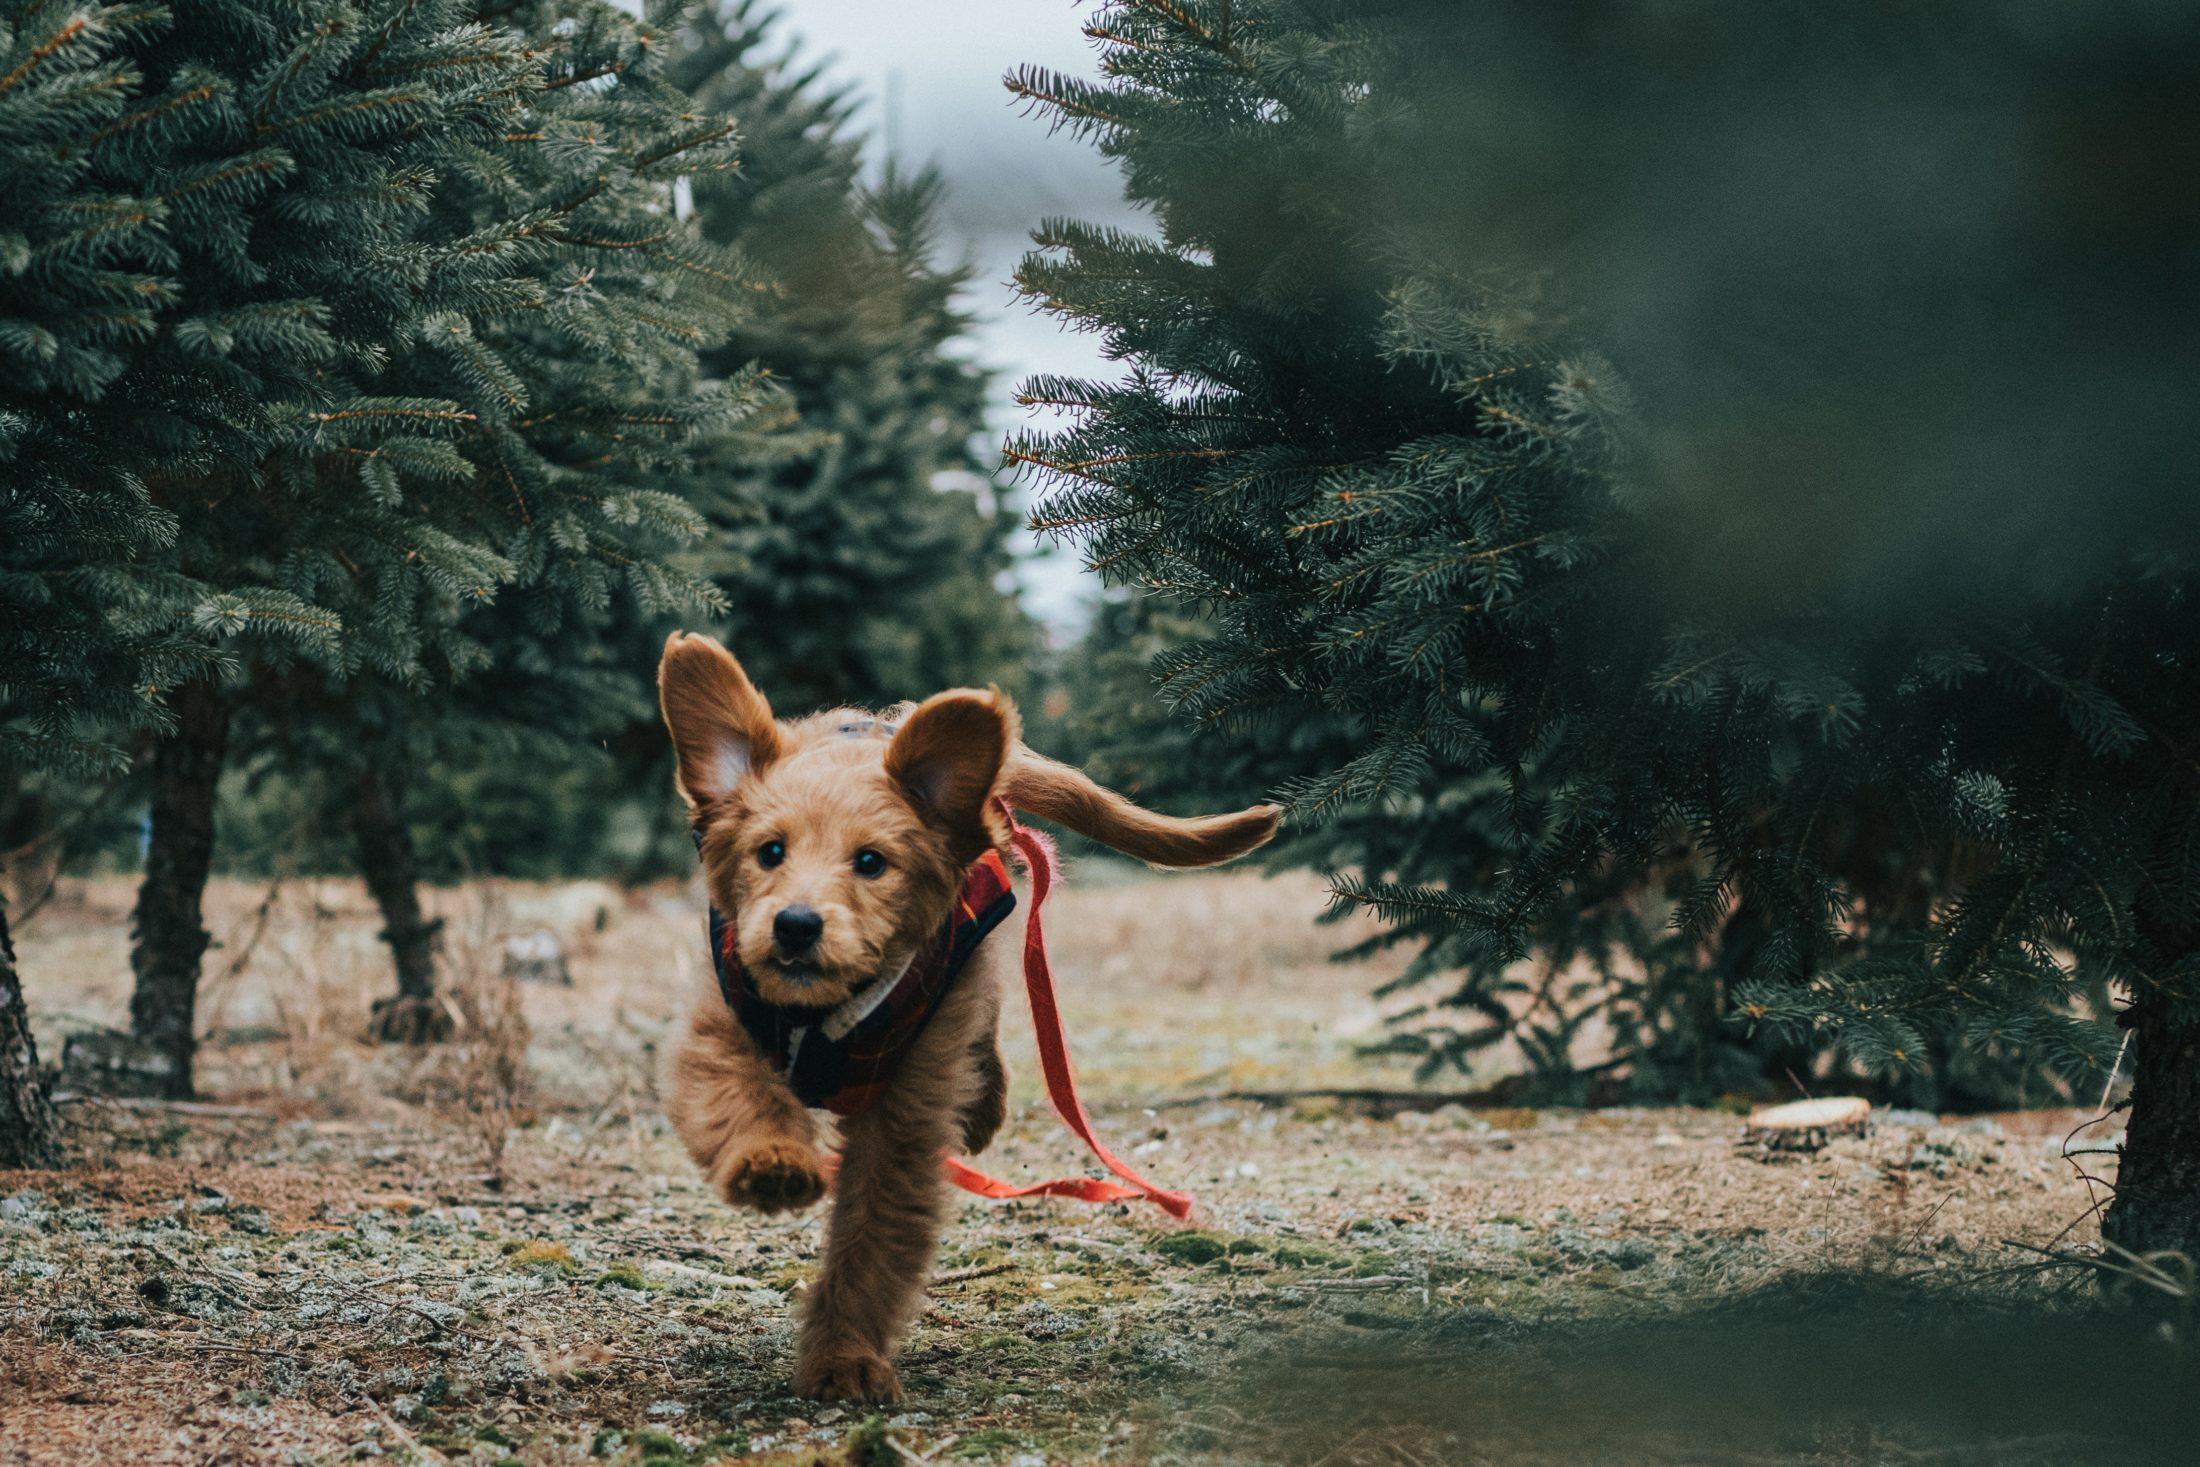 cachorro fujão correndo no parque